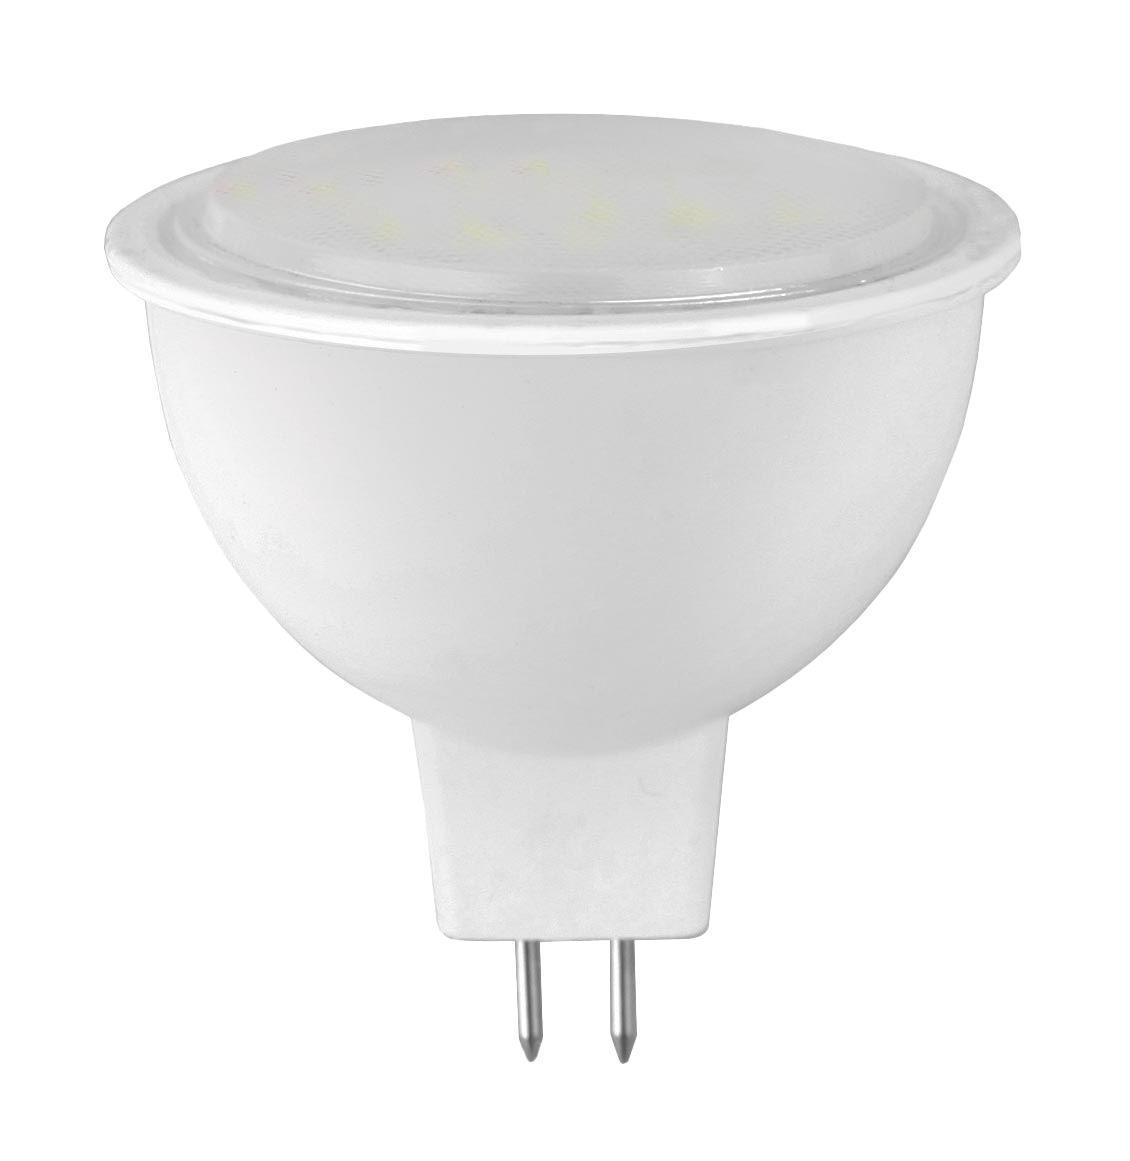 Camelion LED5-JCDR/845/GU5.3 светодиодная лампа, 5ВтLED5-JCDR/845/GU5.3Высокая вибро- и ударопрочность - отсутствуют нить накаливания и хрупкие стеклянные трубки. Широкий температурный диапазон эксплуатации (от -30°C до +40°C) - возможность использования ламп вне помещений. Могут применяться как для основного, так и для акцентированного освещения. Экономия электроэнергии до 90% без ущерба для освещенности и качества света по сравнению с обычными лампами накаливания такой же яркости. Мгновенное включение и выход на полную яркость.Светодиодные лампы для точечных светильников - это замена традиционных и повсеместно используемых галогенных ламп типа JCDR. Отличительной особенностью светодиодных ламп точечного света является низкое энергопотребление и почти отсутствие нагрева в процессе эксплуатации. При этом -это лампы с высоким сроком службы 30 000 - 50 000 часов.Если вы хотите экономить, и готовы на начальном этапе потратиться, тогда Ваш выбор светодиодное освещение.Если же по каким-то причинам светодиодные источники света Вас не устраивают, но при этом Вы хотите все же экономить - обратите внимание на энергосберегающие компактные люминесцентные лампы точечного света.Напряжение: 220-240 В.